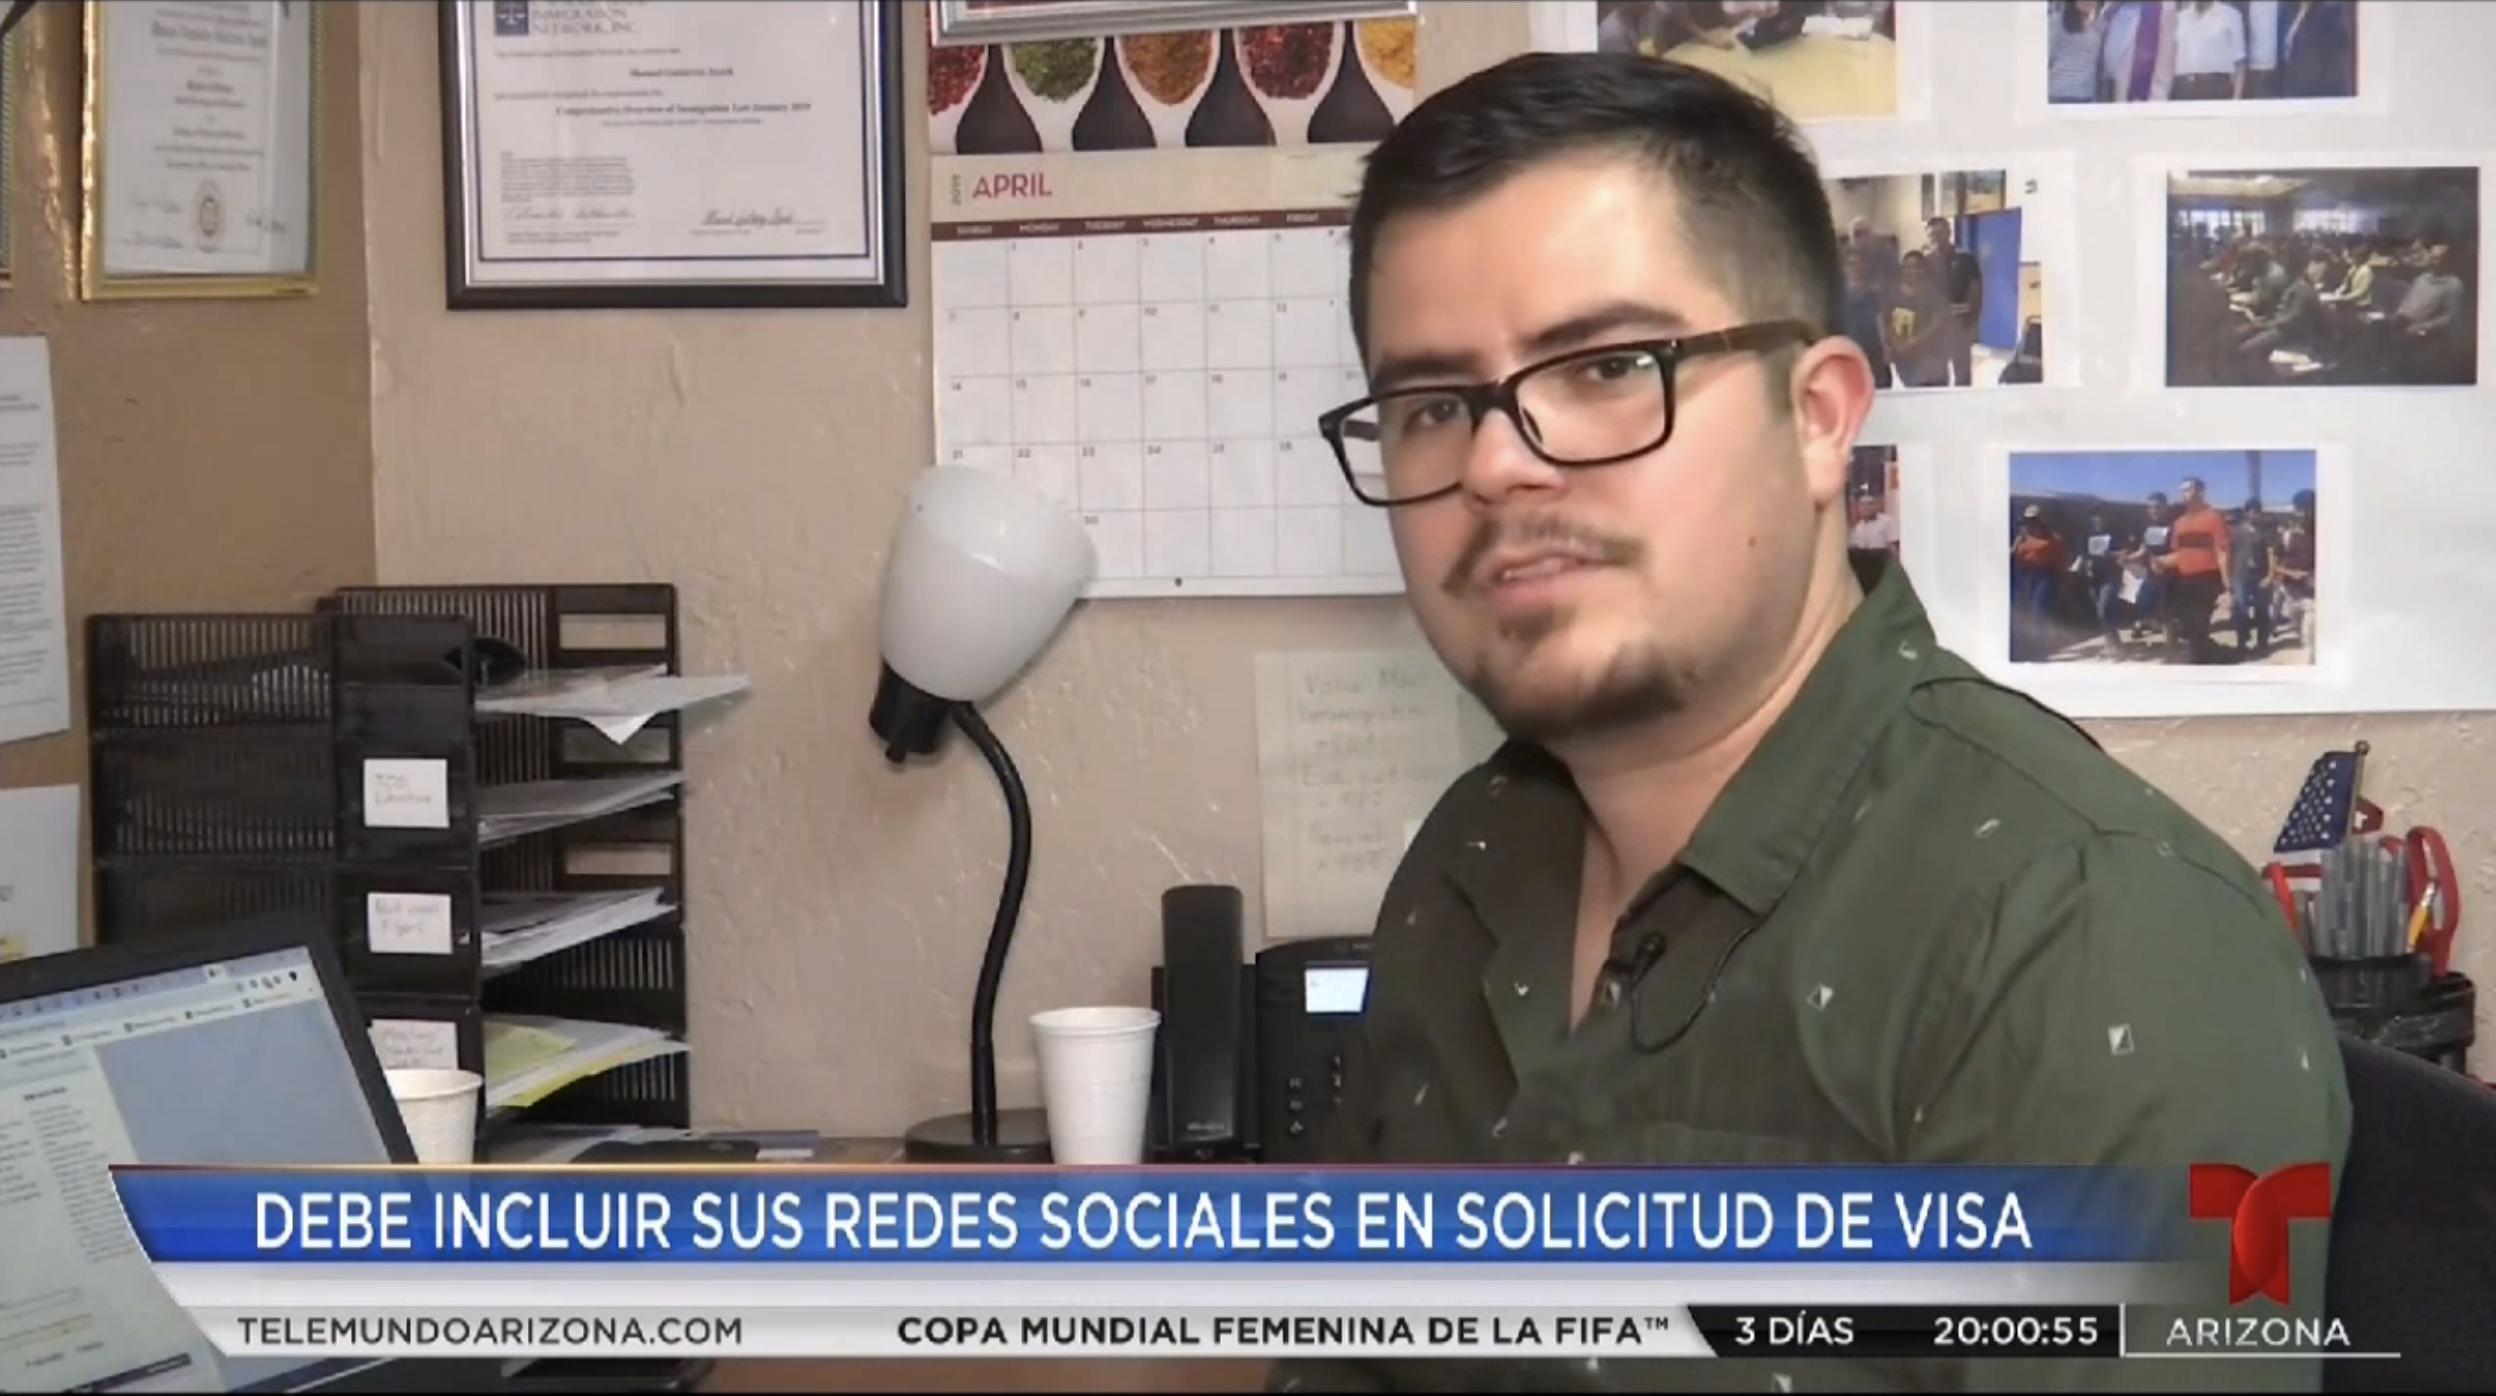 Manuel interviewed by Telemundo